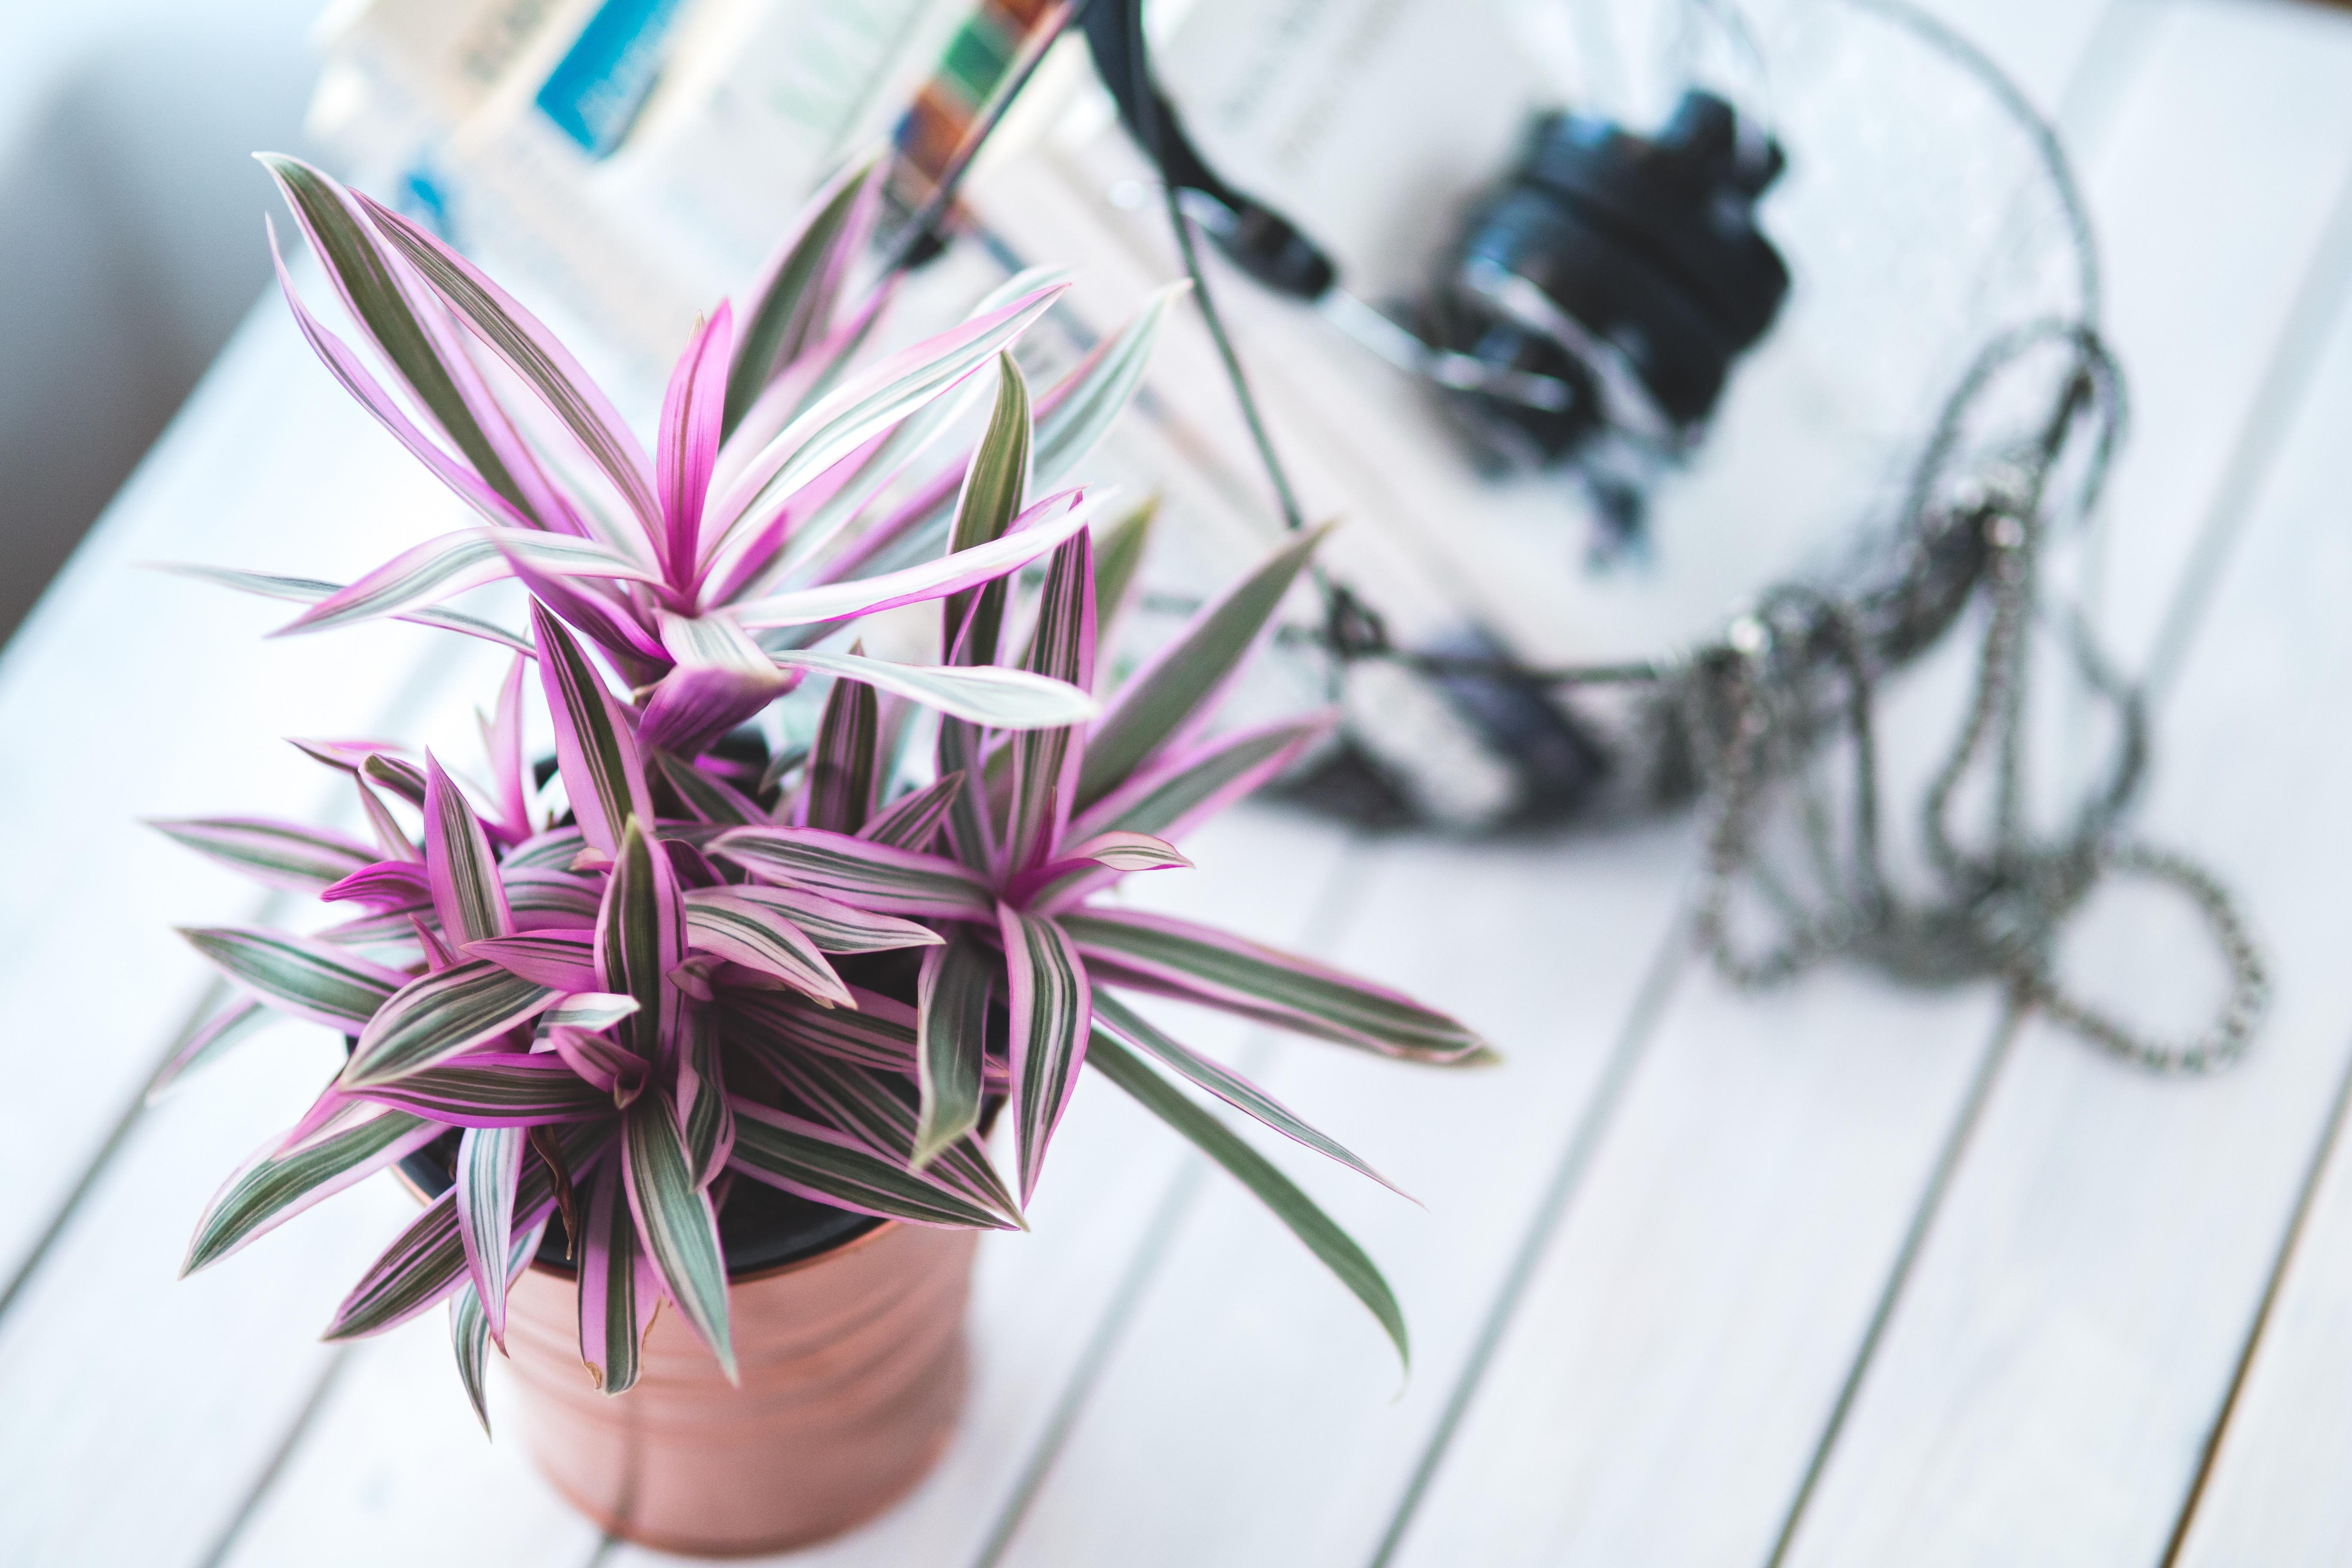 Images Gratuites : La Nature, Plante, Maison, Feuille